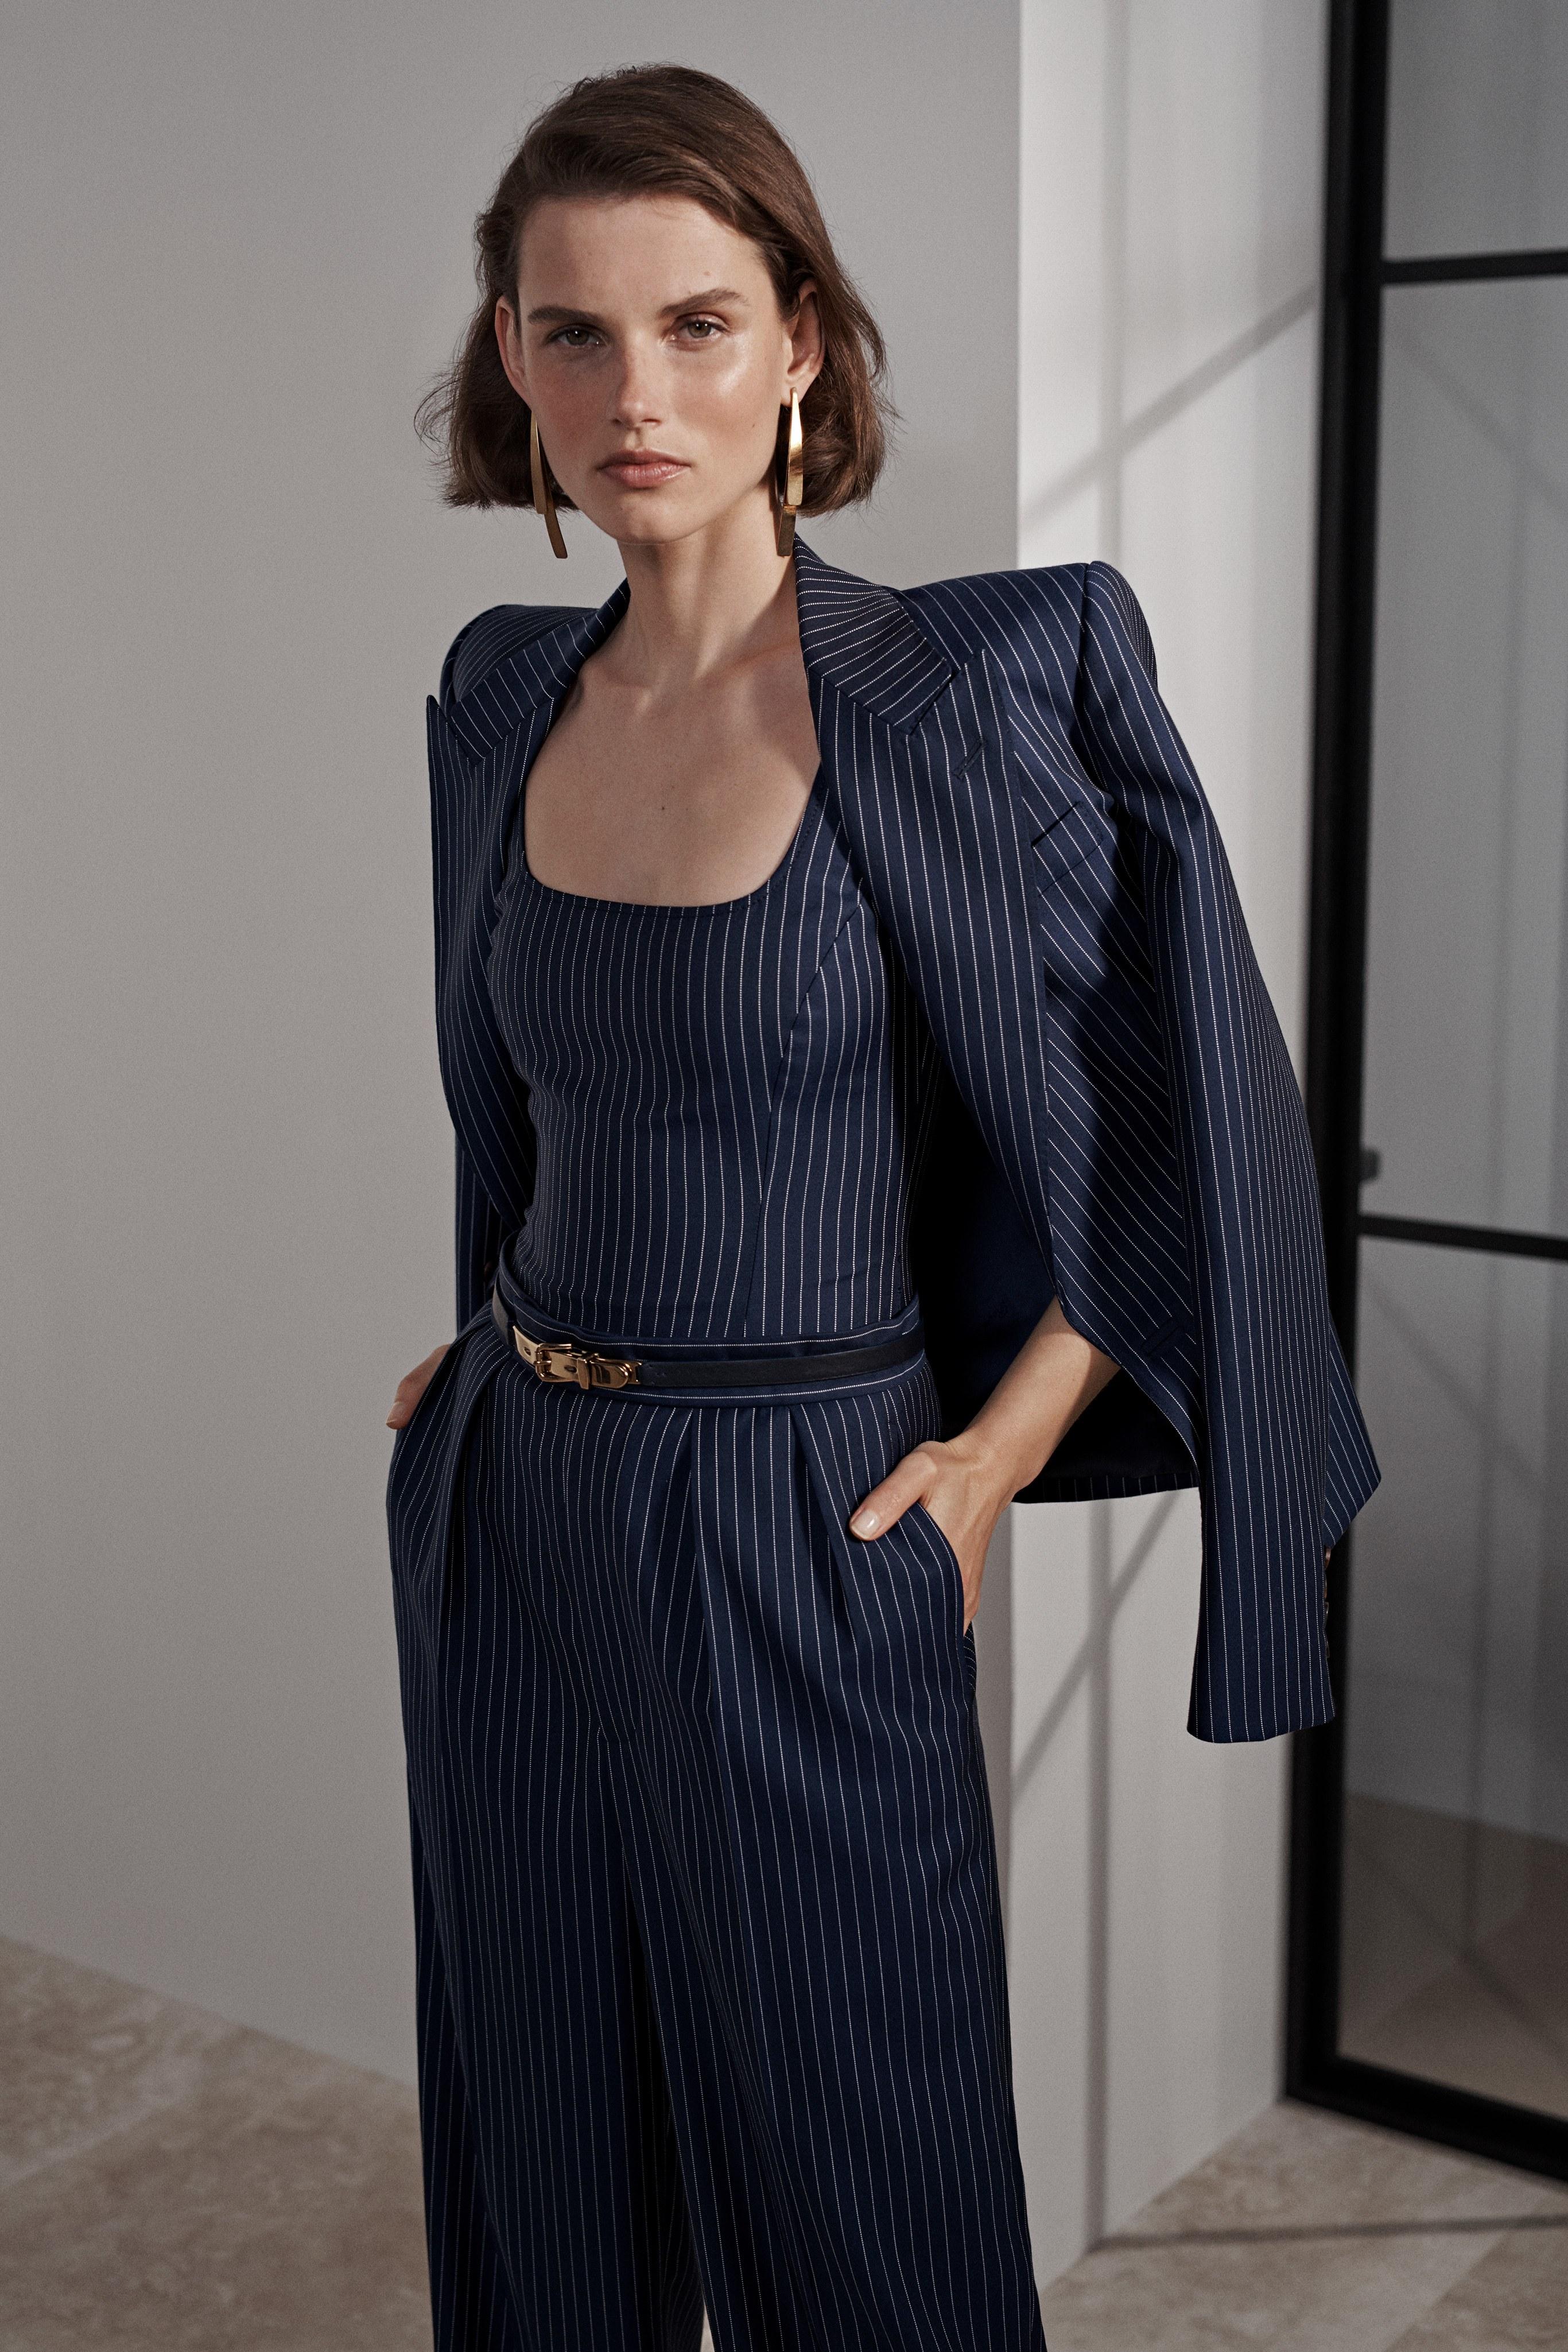 00018-Ralph-Lauren-Vogue-Resort-2019-pr